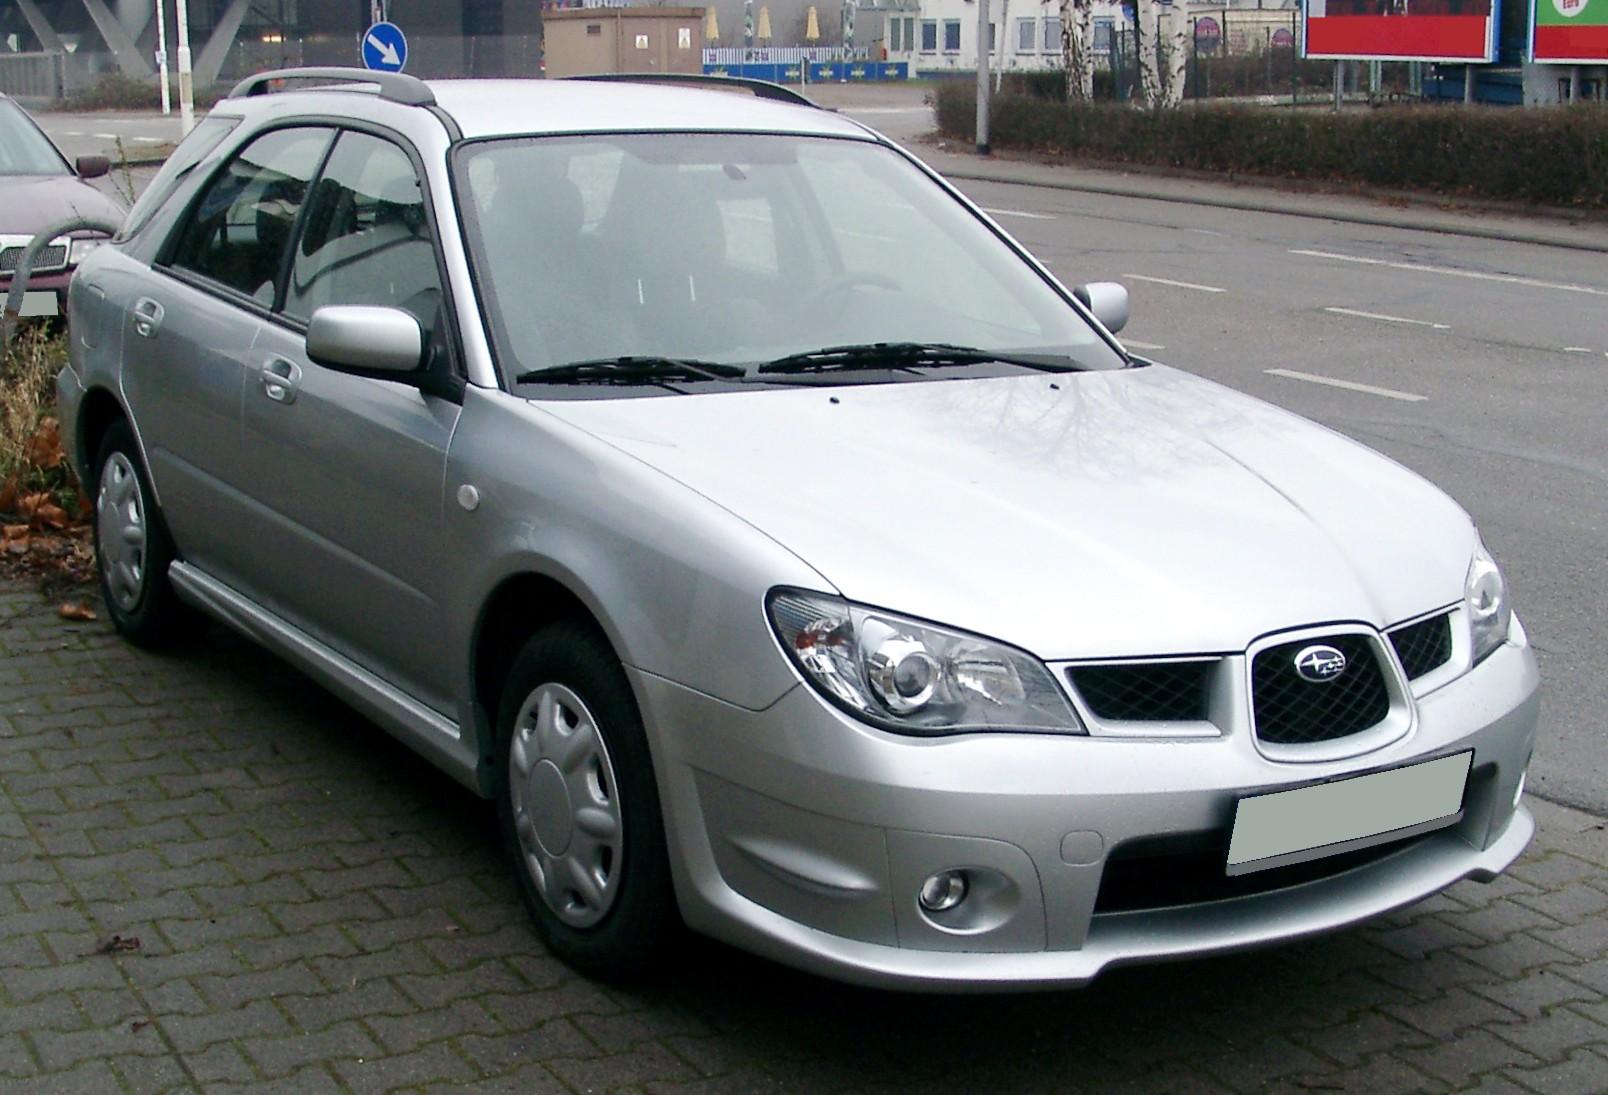 Subaru_Impreza_front_20071231